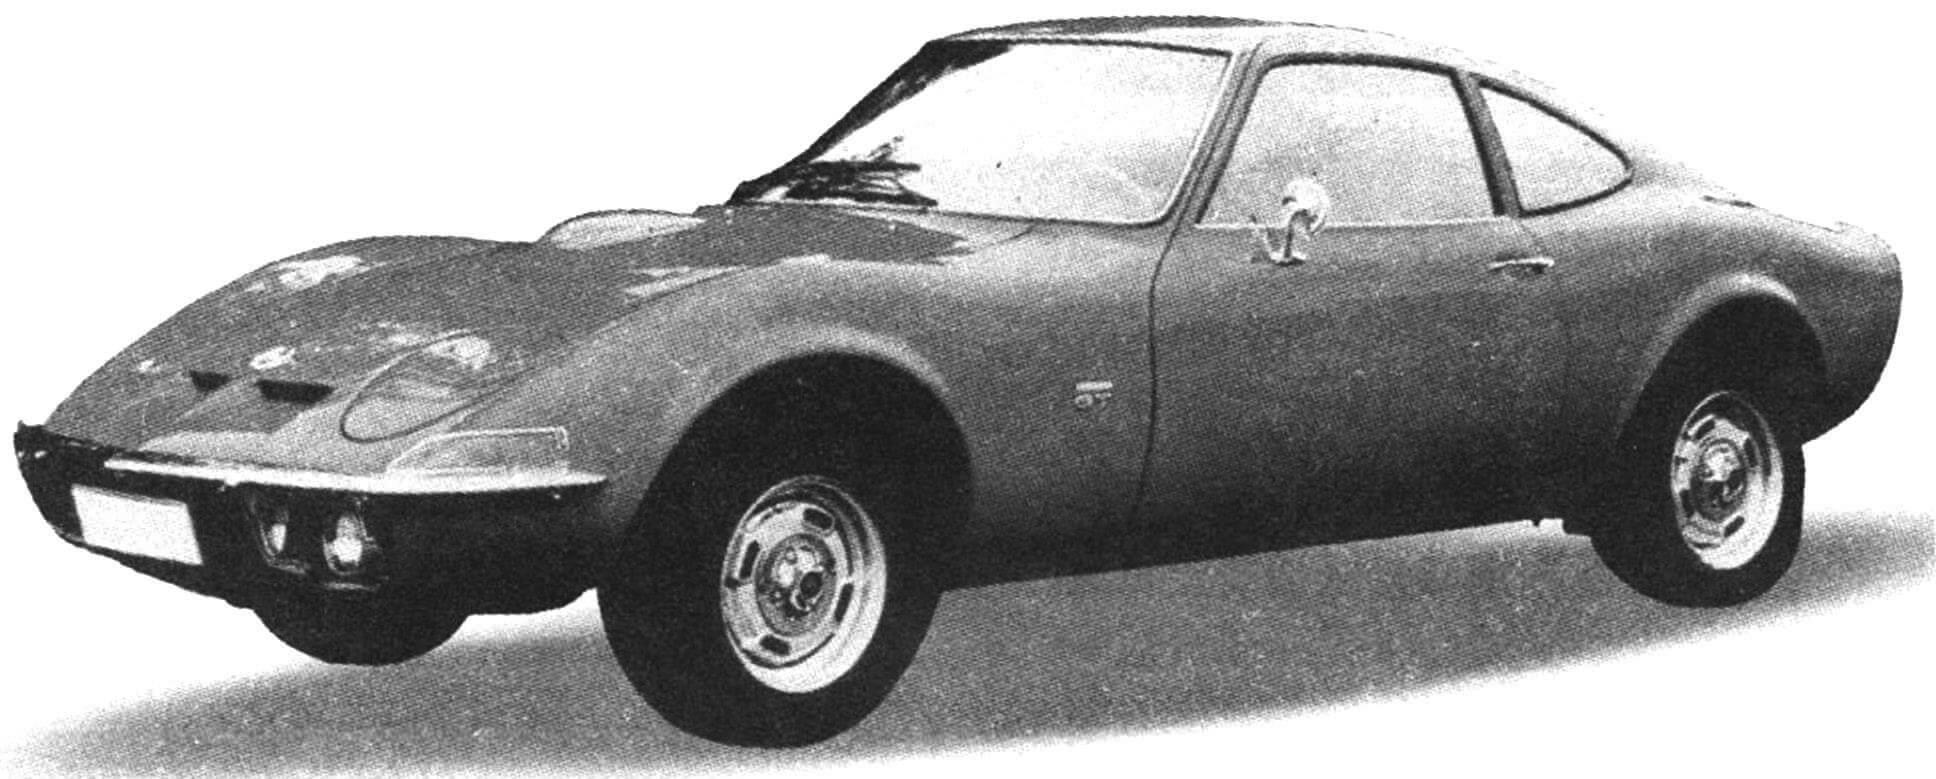 OPEL GT 1900 1967 года — недорогая спортивная машина на базе автомобиля OPEL KADETT (1,9 л, 90 л.с., 185 км/ч)